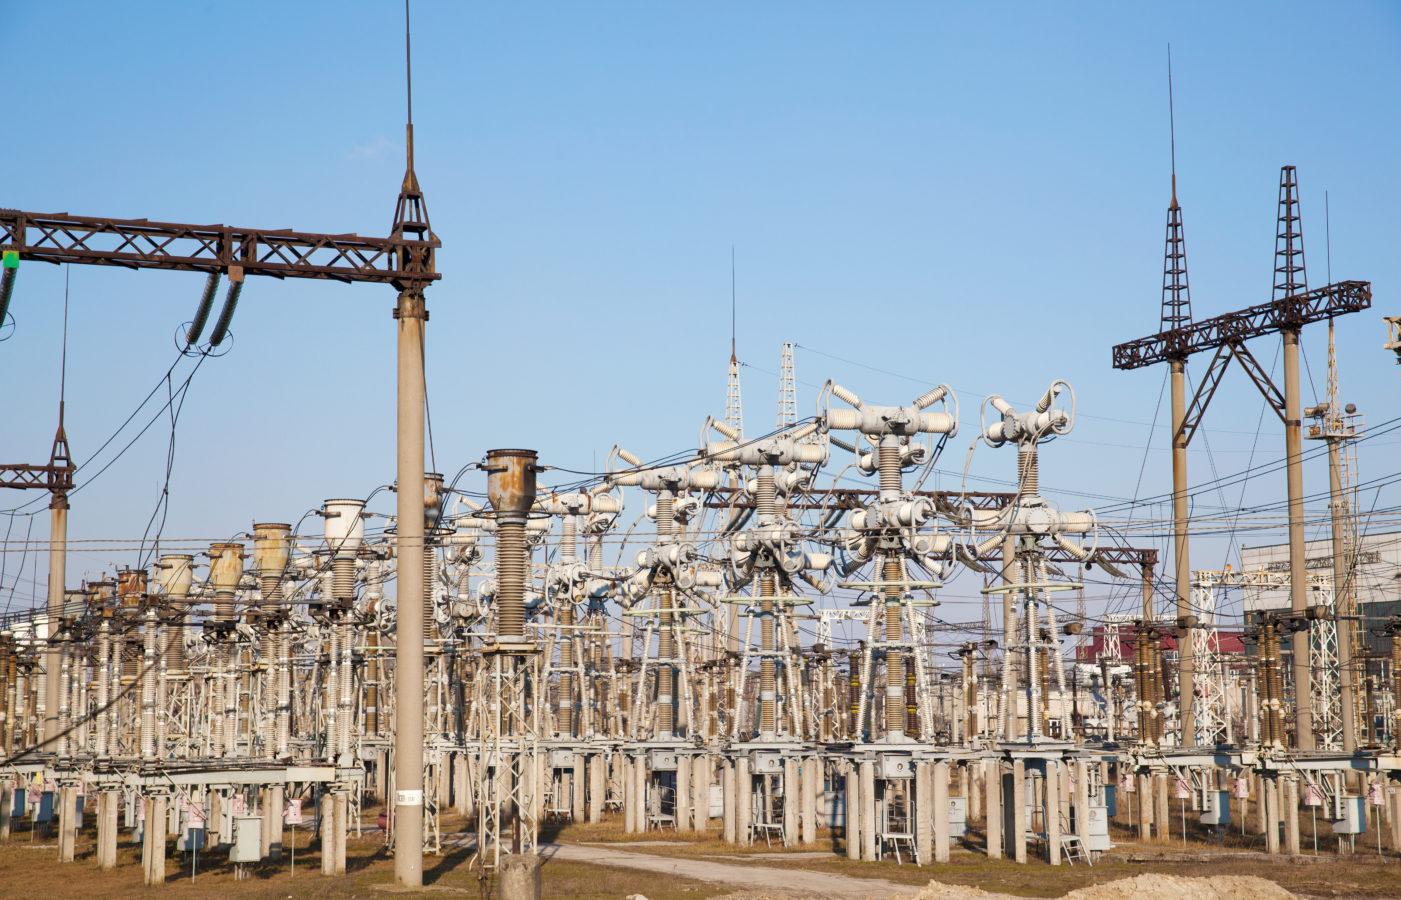 Etude sur les objectifs d'efficacité contraignants pour les fournisseurs d'électricité